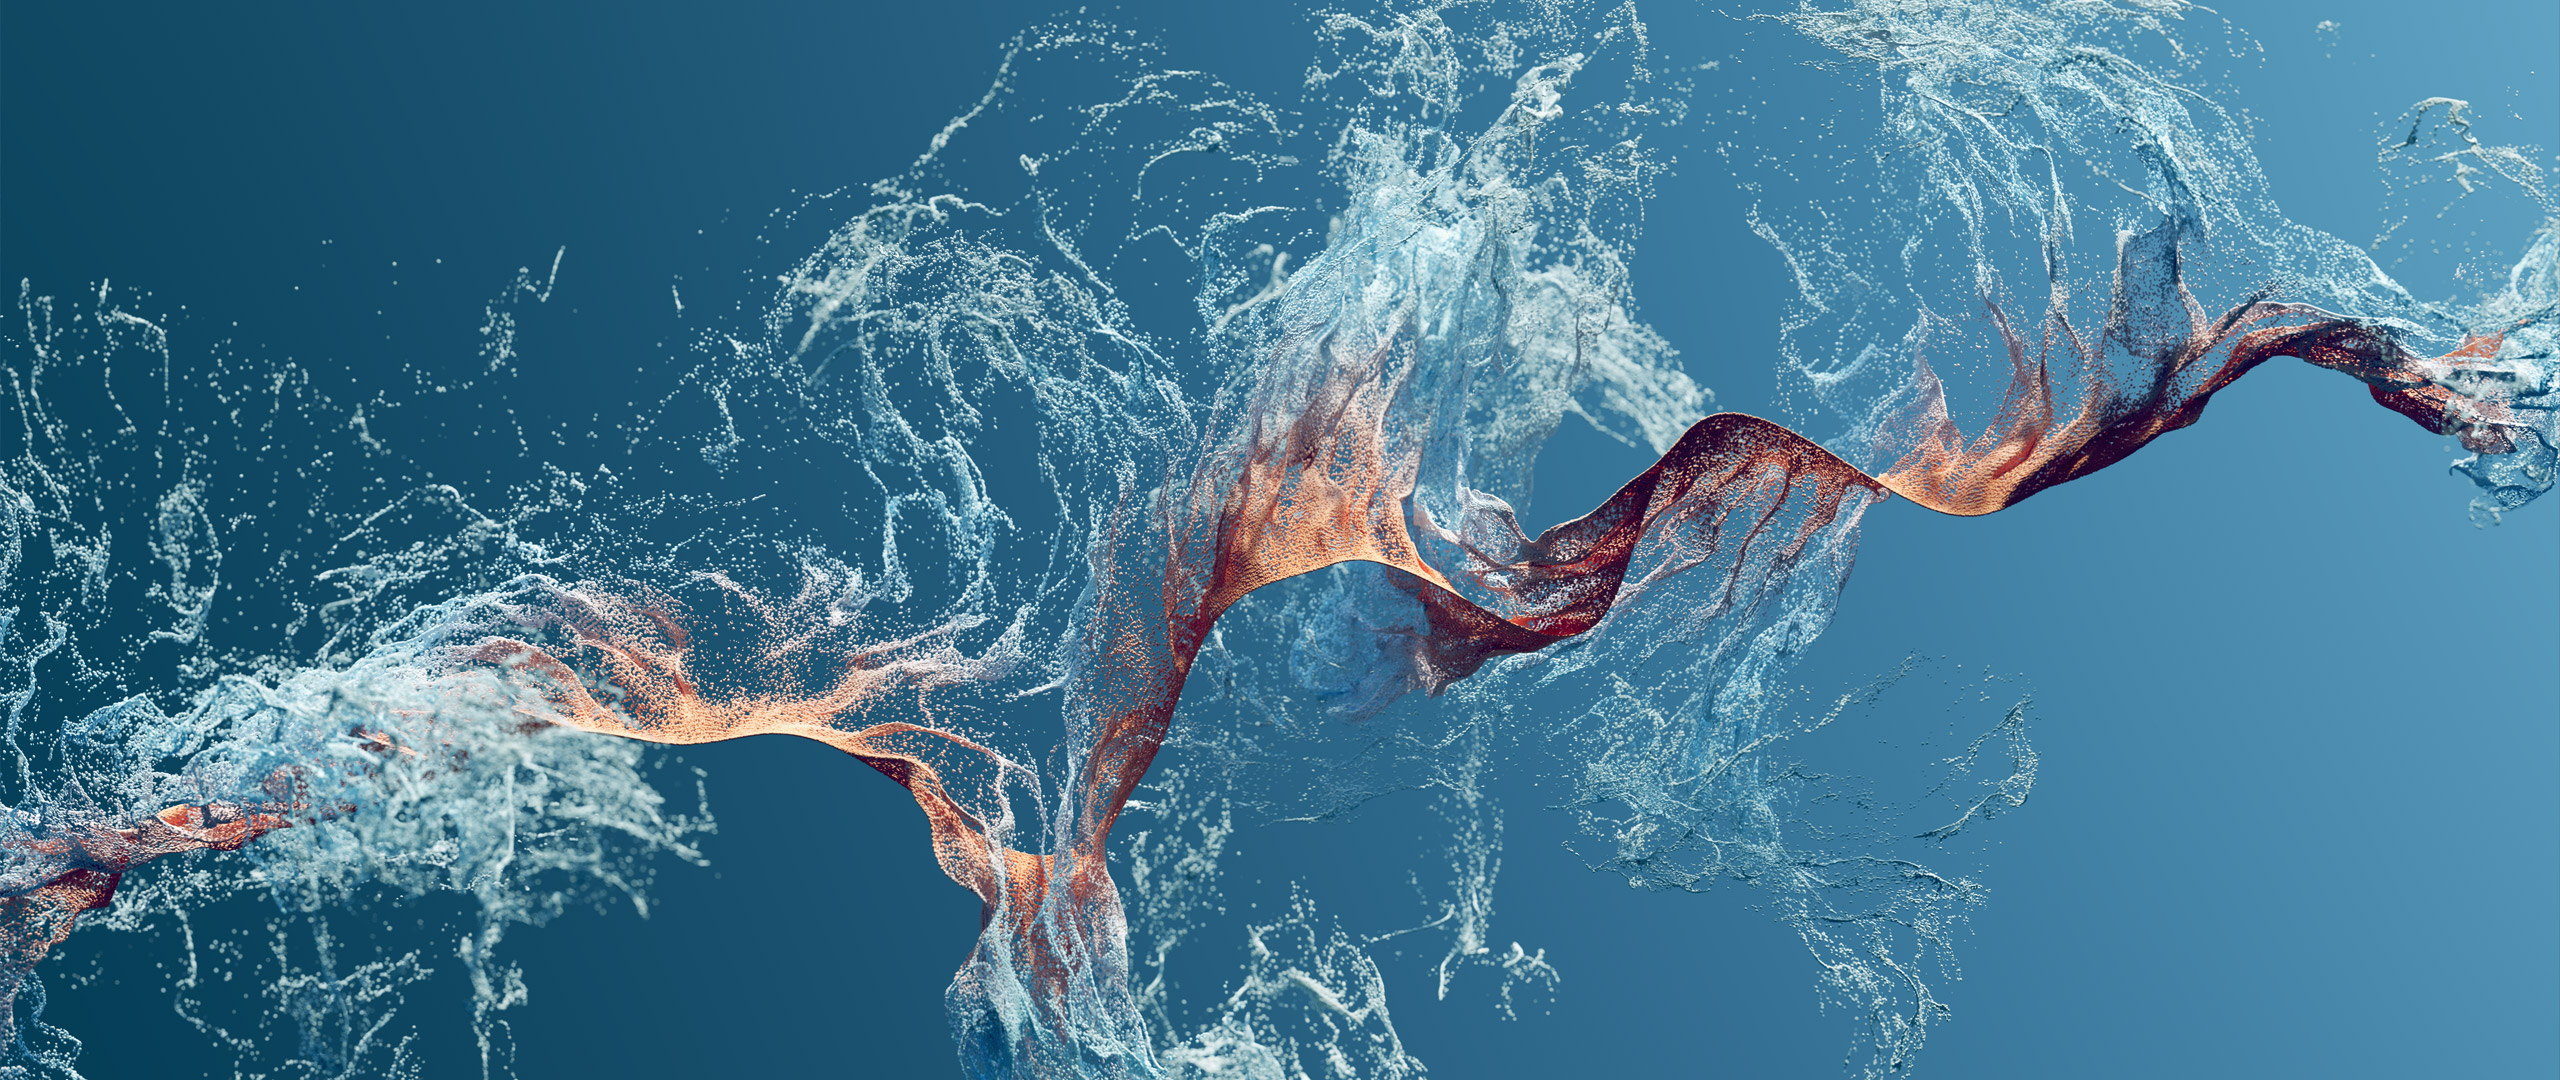 arcteryx_abstract_009